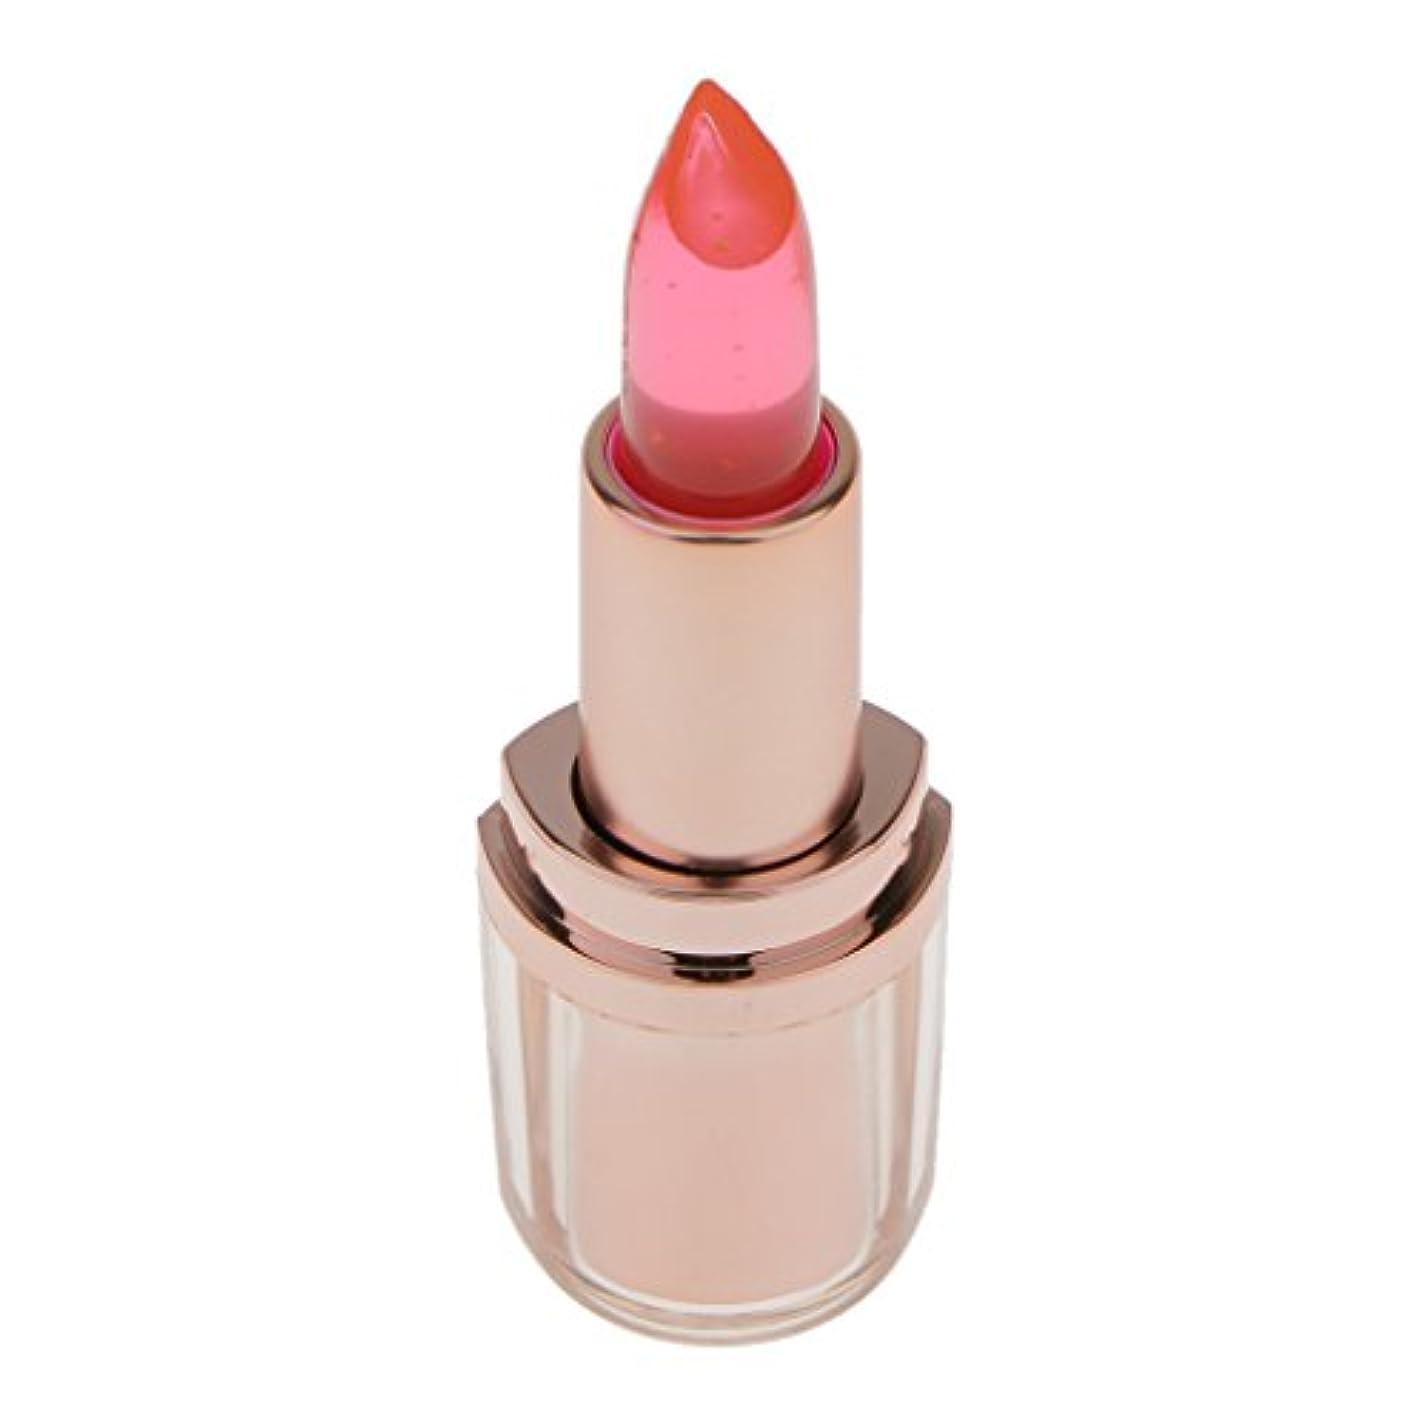 免除するそうでなければプールInjoyo マジックゼリーの口紅の色温度を変える長続きがする唇の光沢はさみ金の鉛筆の保湿-利用できる3色 - 2#, 7.5センチメートル